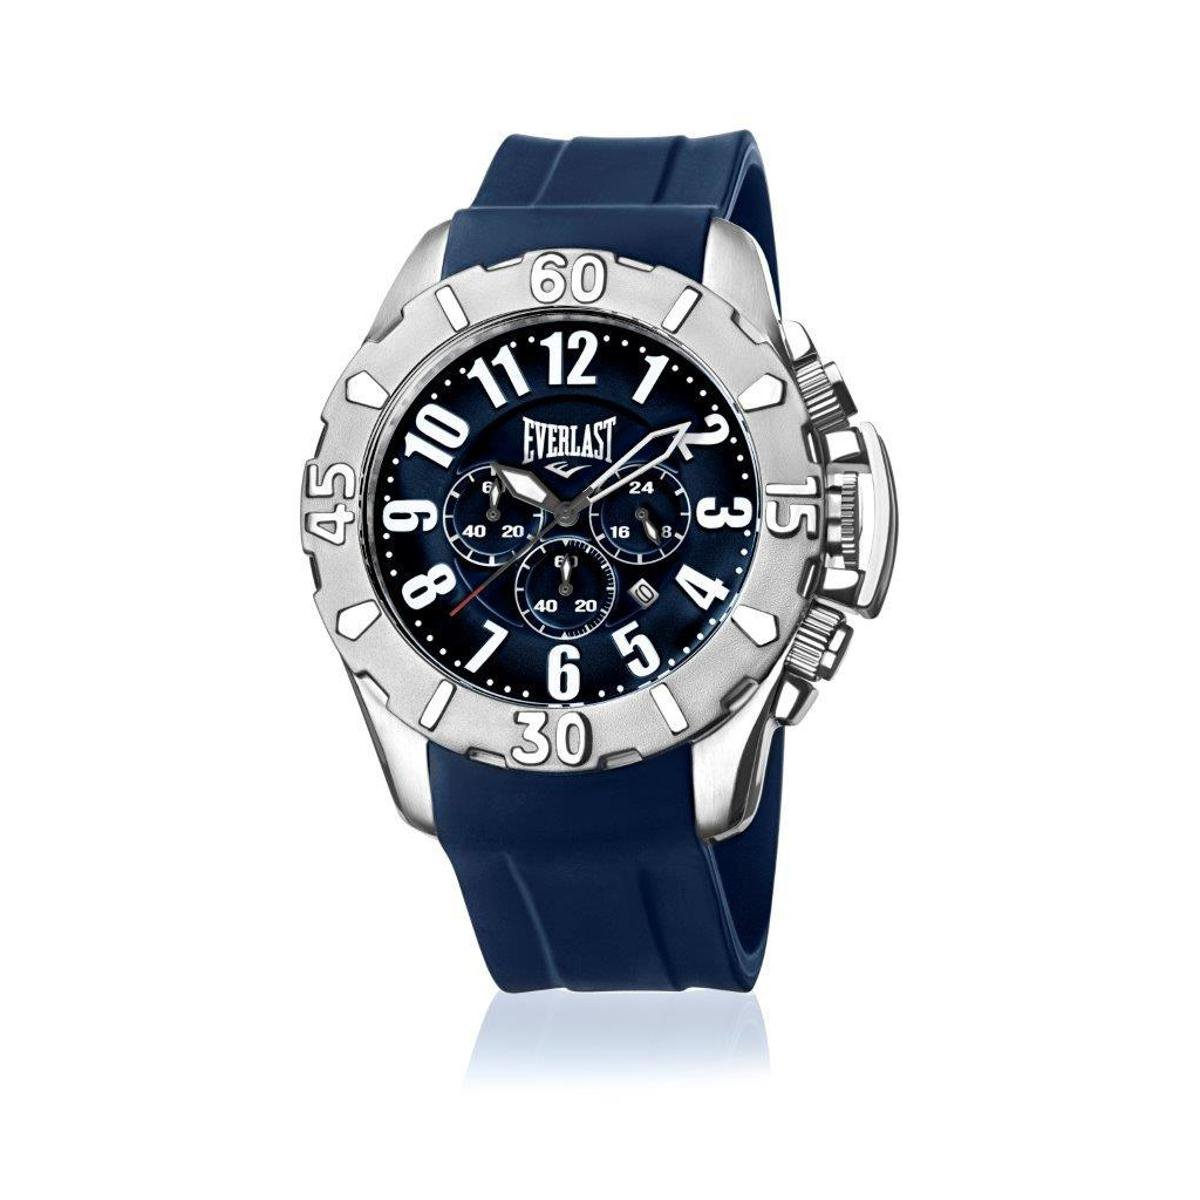 226d3b3ba84 Relógio de Pulso Everlast Cx Aço Pulseira Silicone Analógico ...